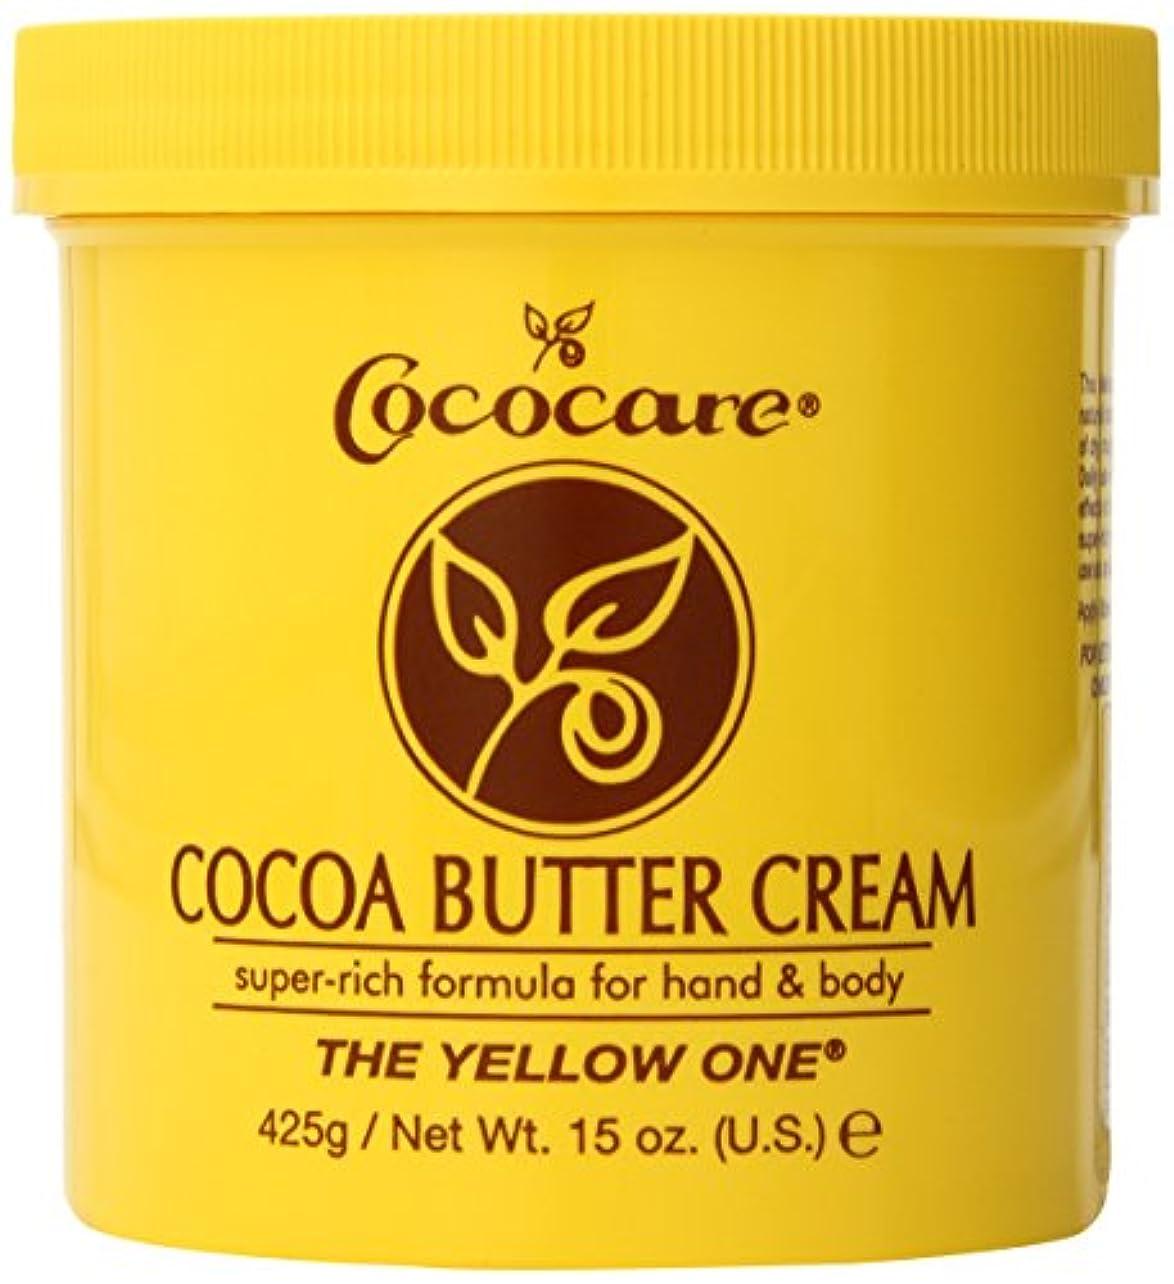 慈悲維持公使館Cococare, The Yellow One, Cocoa Butter Cream, 15 oz (425 g)